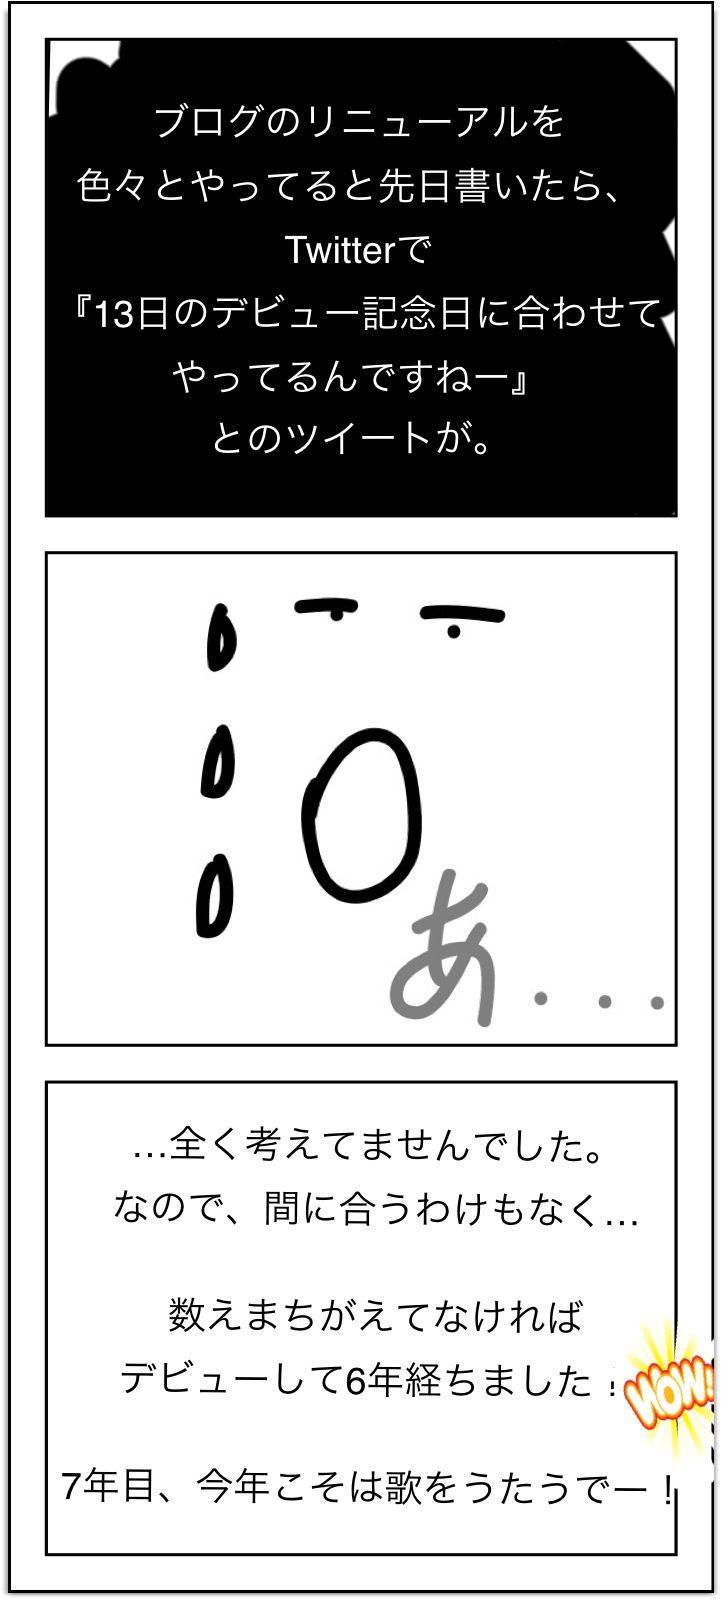 Photo 4月 13, 10 27 06 午後